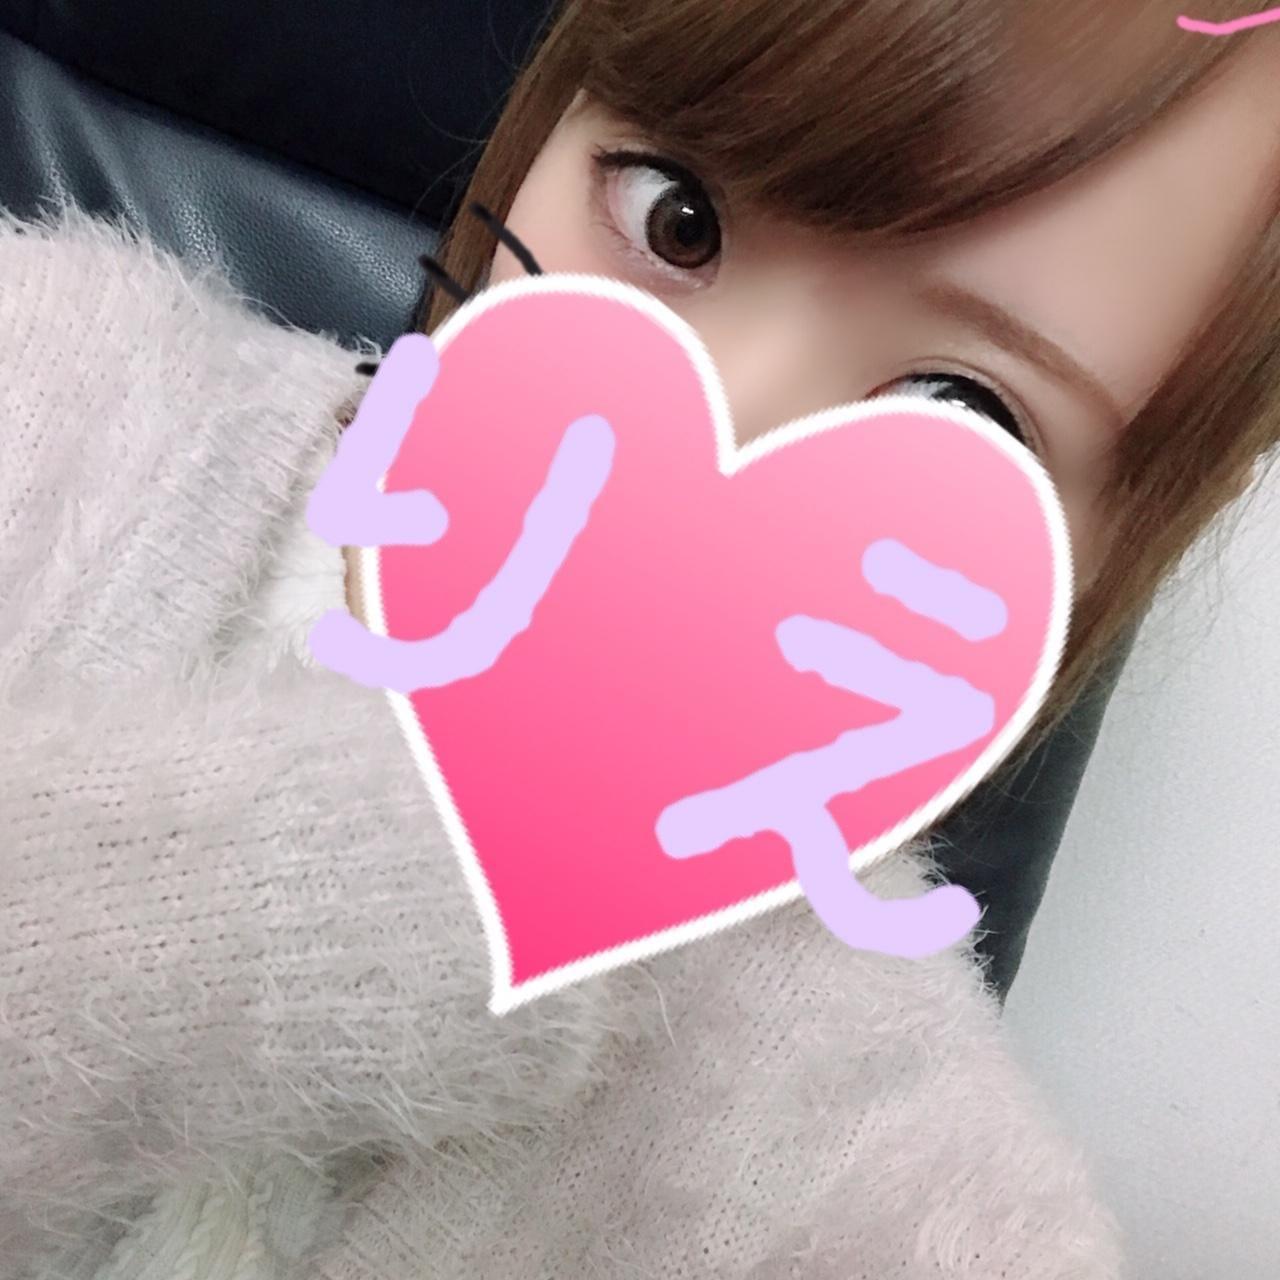 「明日行きます♪」10/18(木) 20:21   りえの写メ・風俗動画